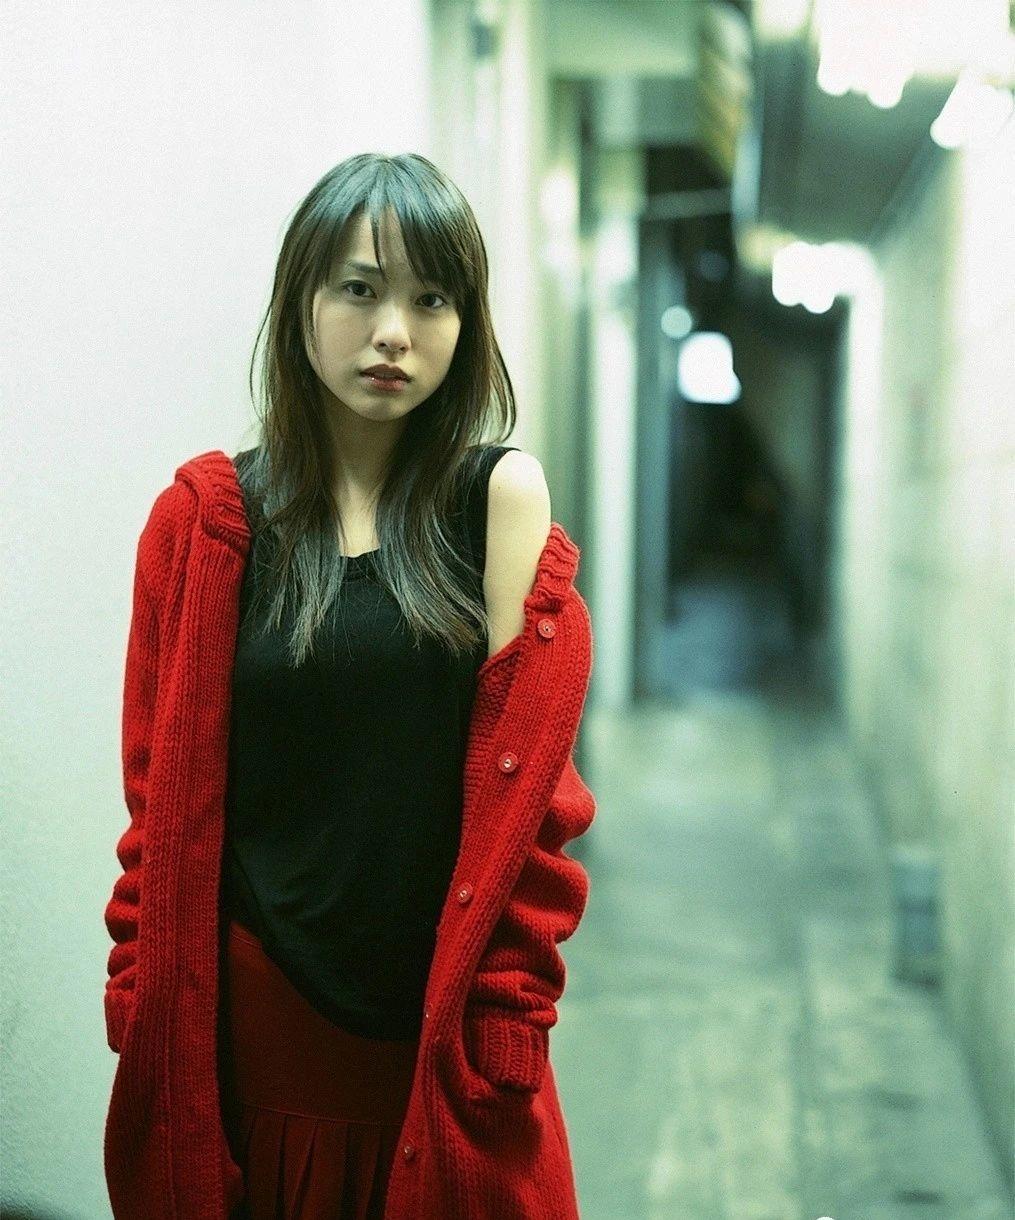 美的不可方物少女时代的户田惠梨香写真作品 (75)